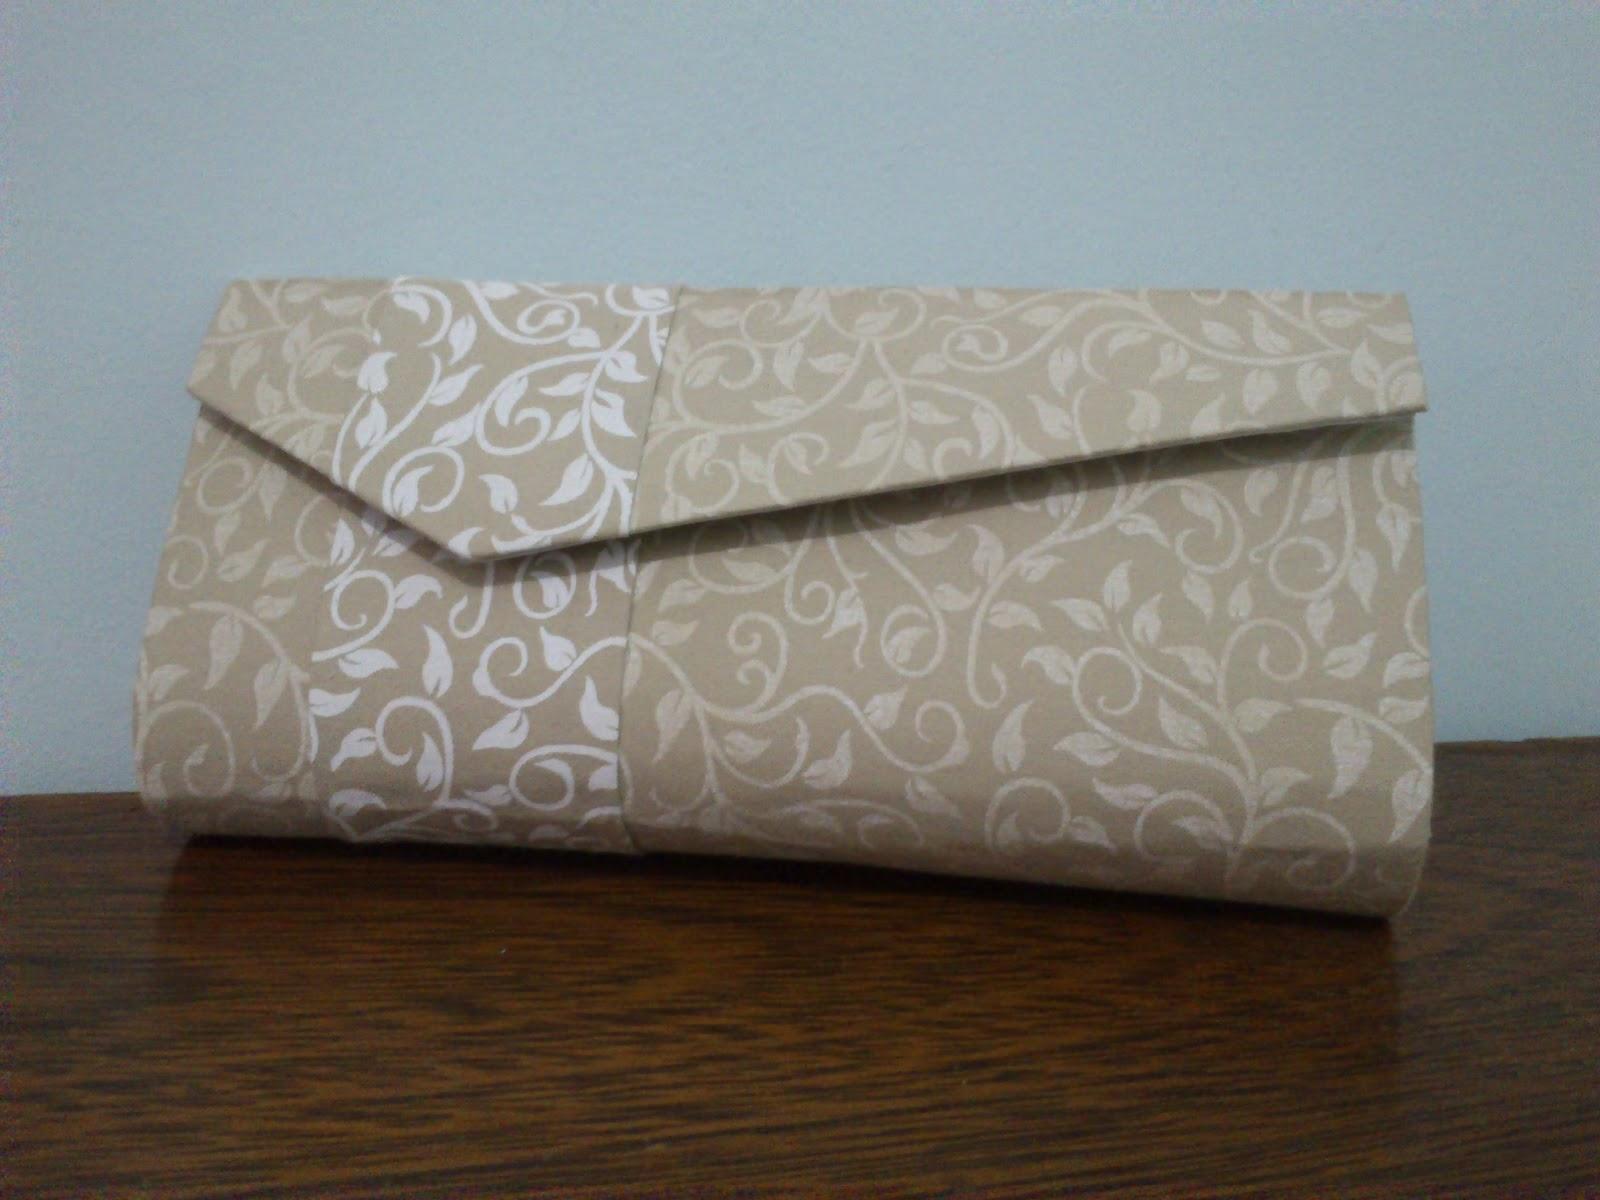 Bolsa De Festa Carteira : Cartonagem bolsa carteira de festa bege e branco iarte